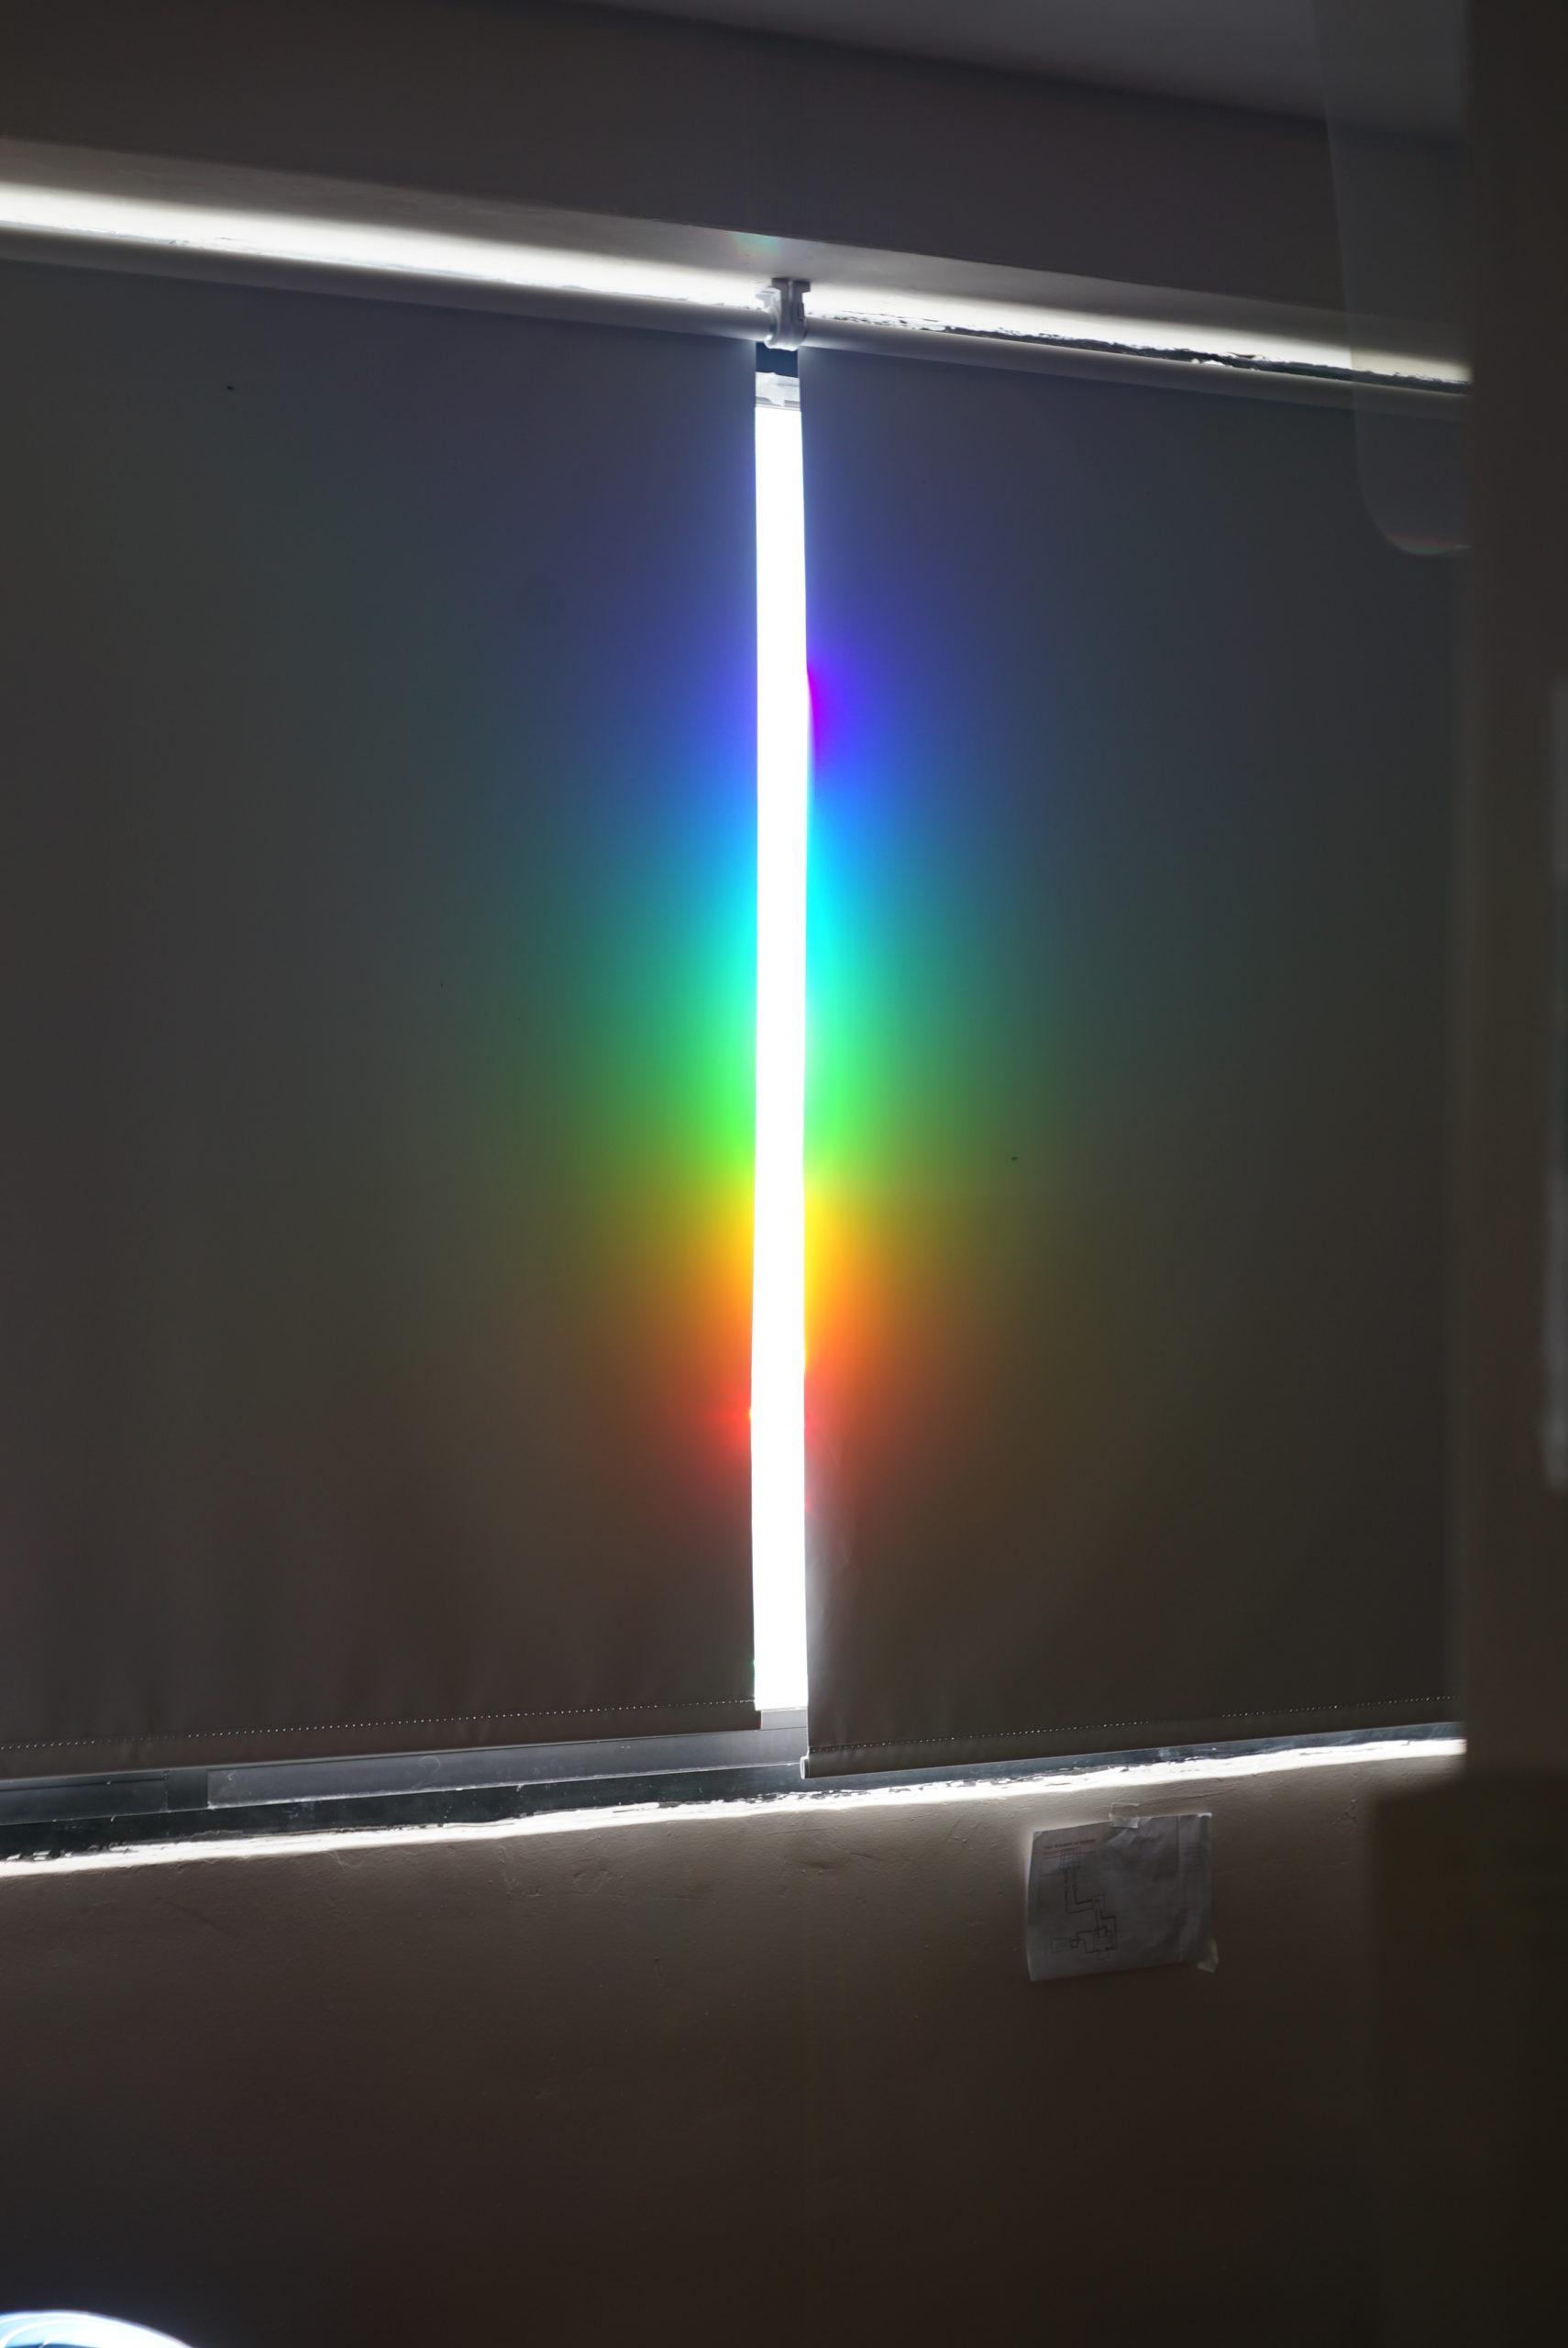 Edge of Light HoloCenter open call | Elisa Balmaceda, presencia | presence for Light Windows